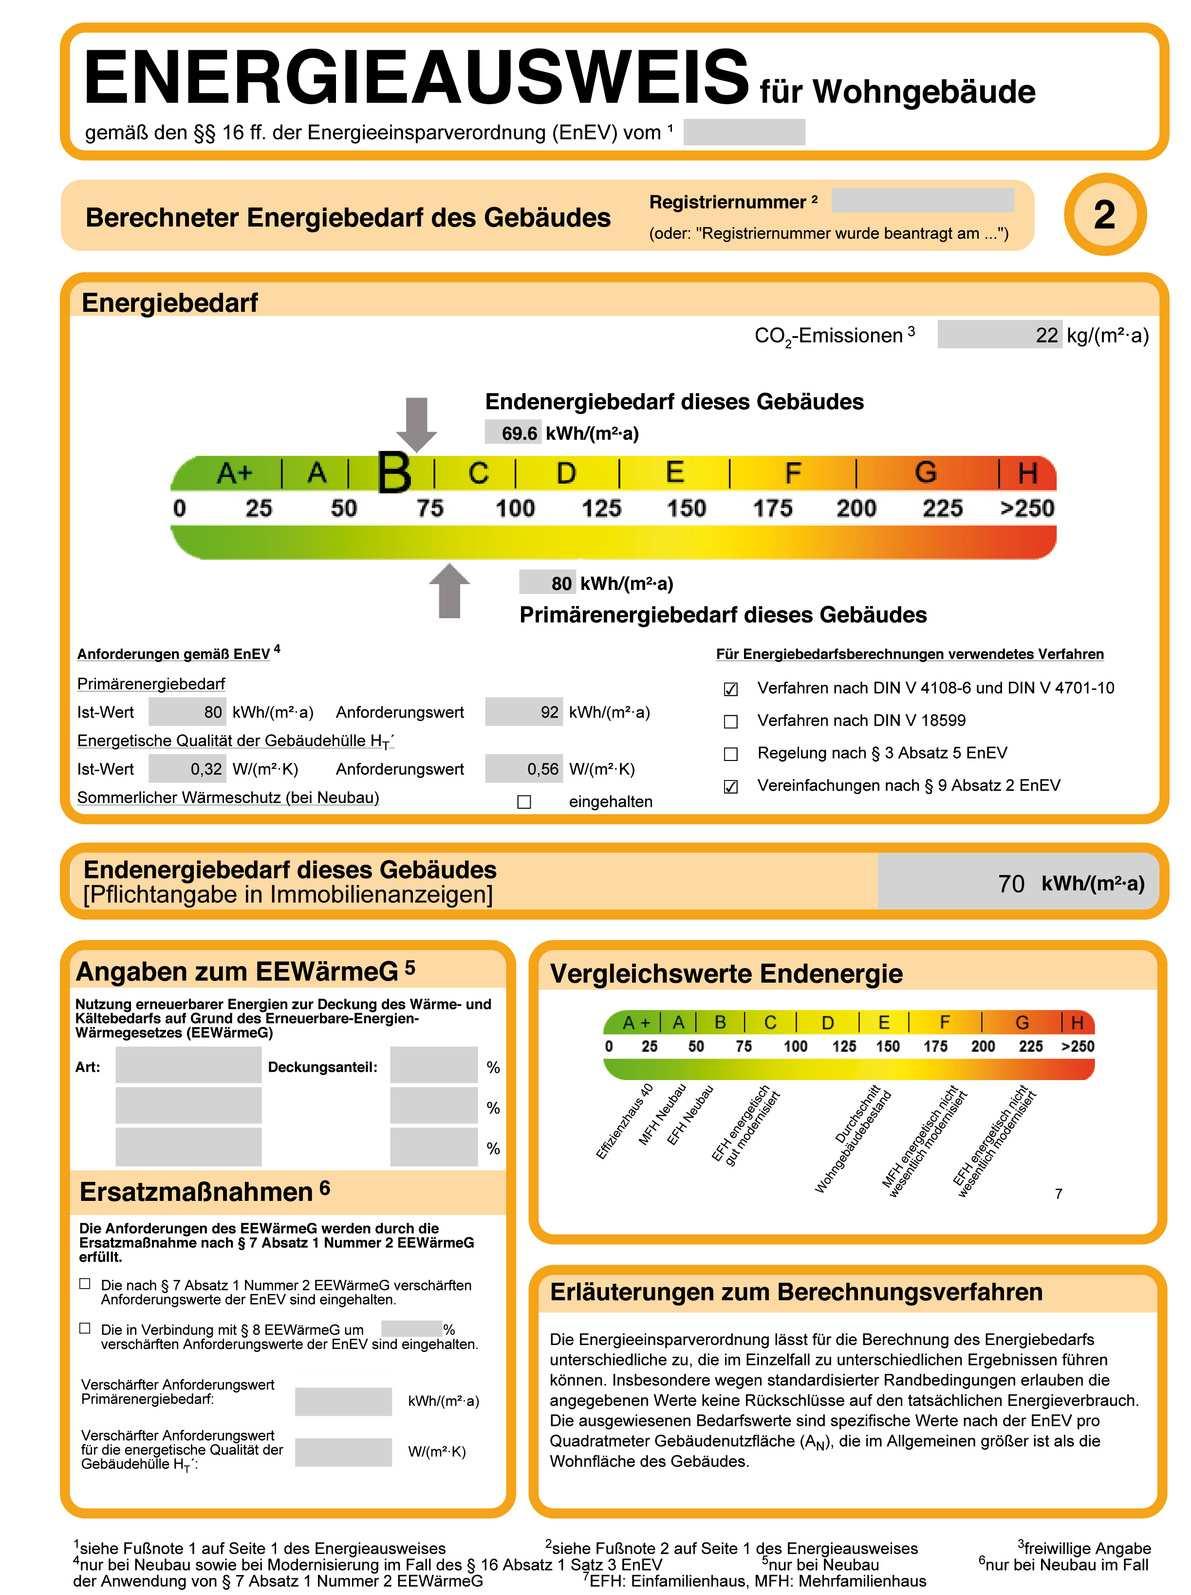 Energieausweis 2014 Energetischer Steckbrief Fur Gebaude Malerbetrieb Schworer